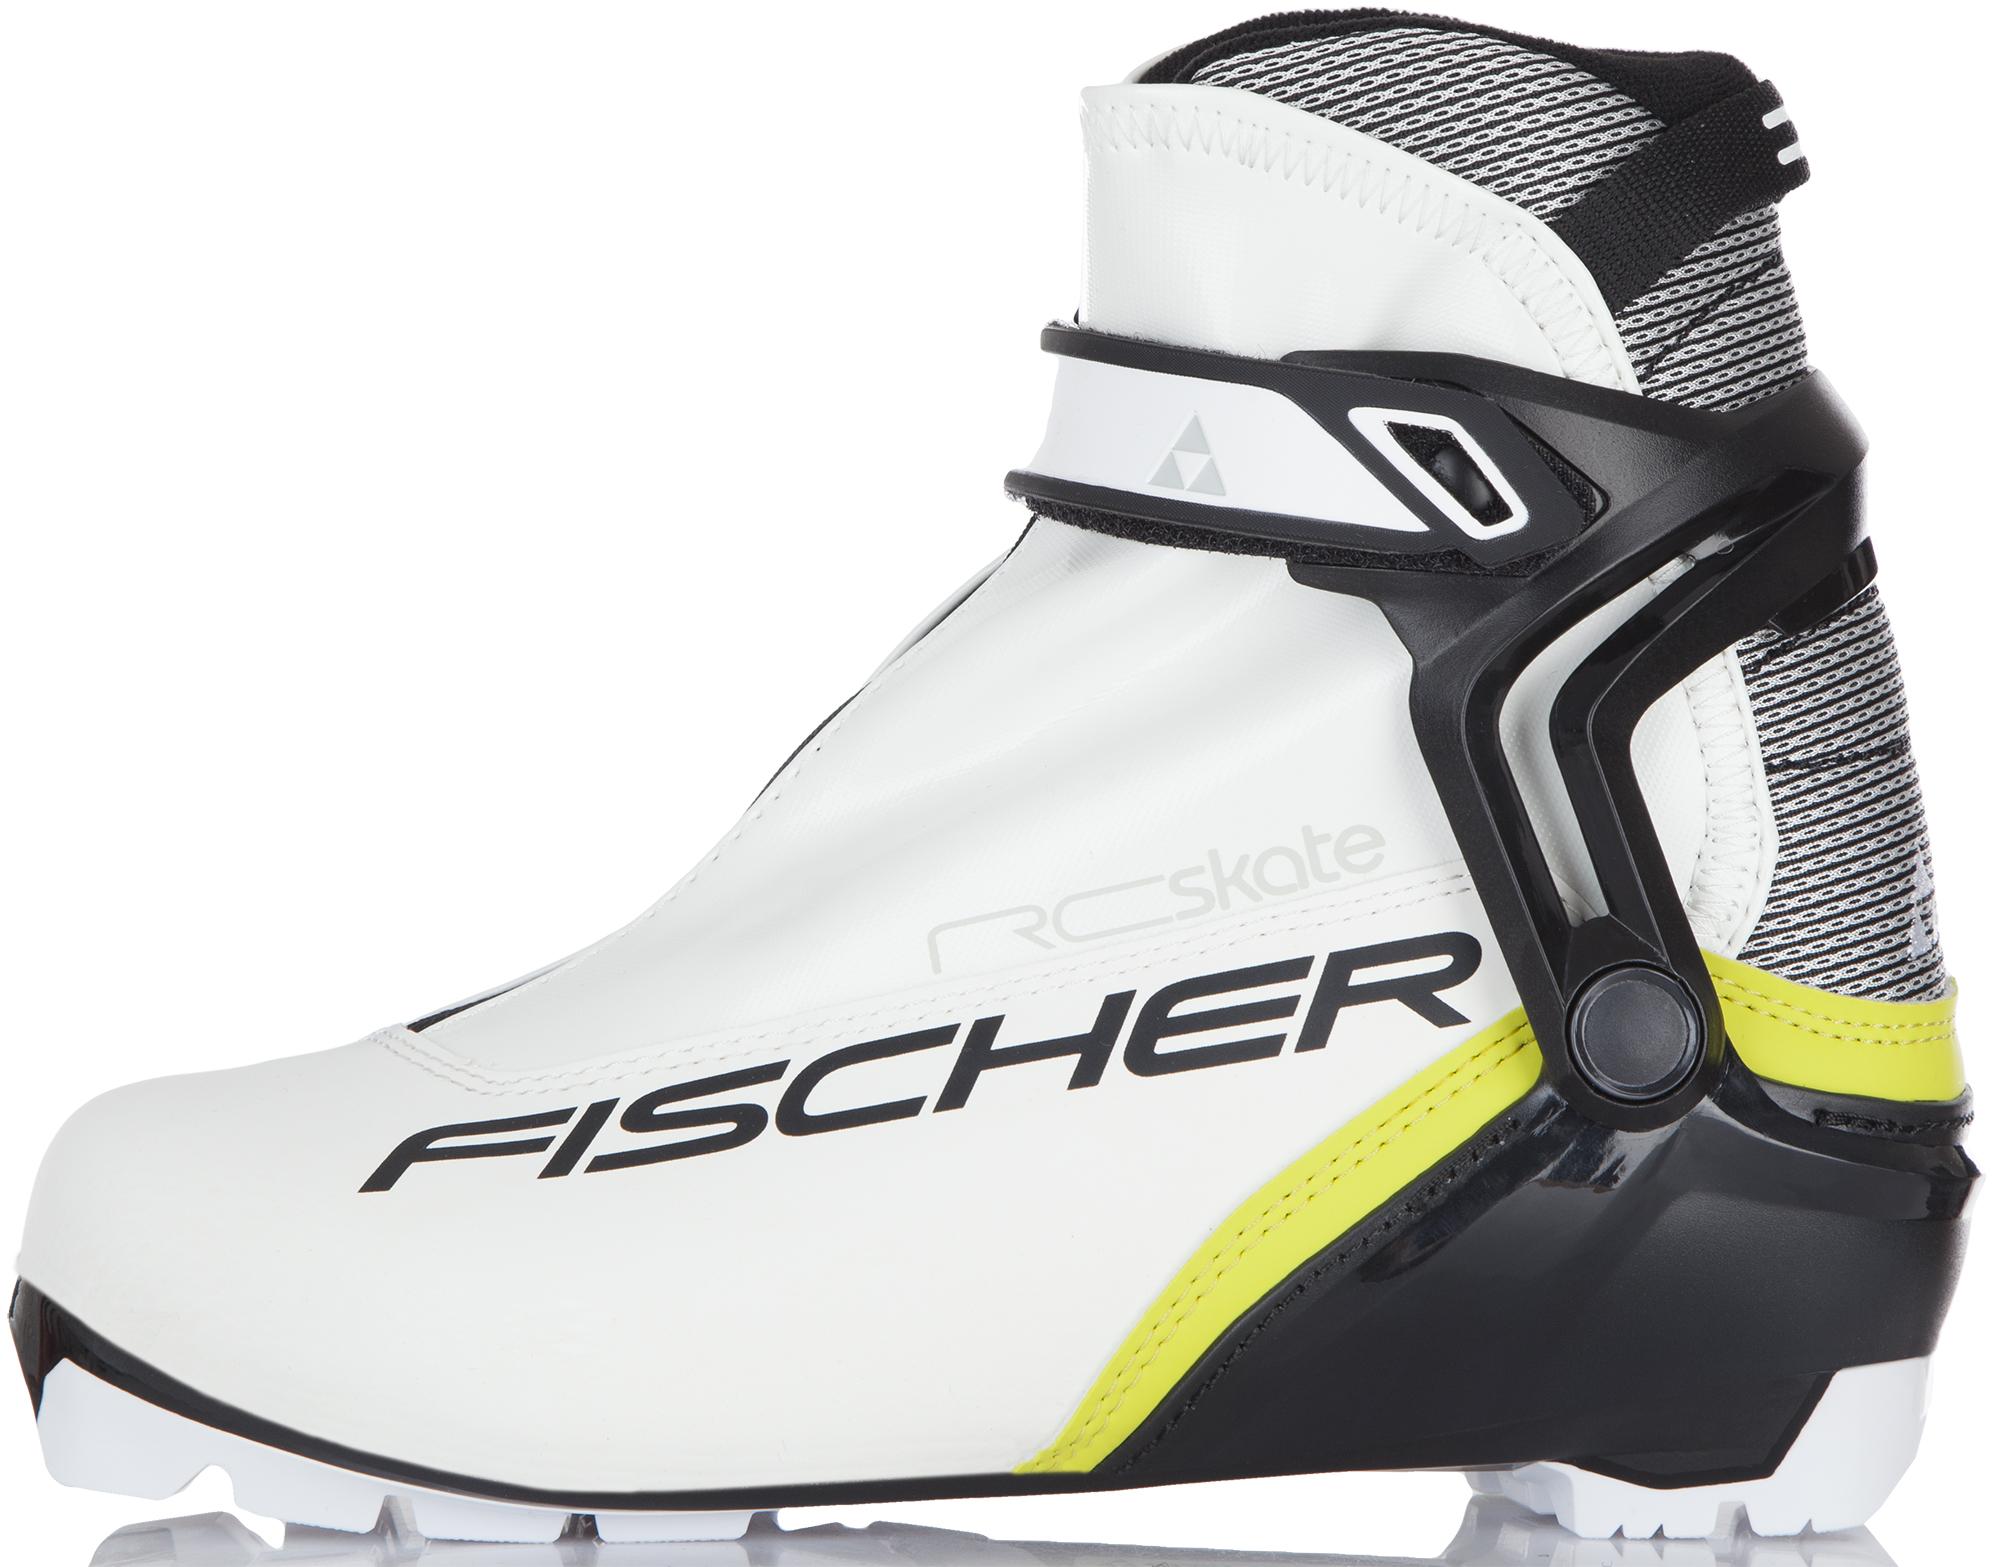 Fischer Ботинки для беговых лыж женские Fischer Rc Skate WS, размер 41 fischer ботинки для беговых лыж женские fischer xc comfort my style sm размер 42